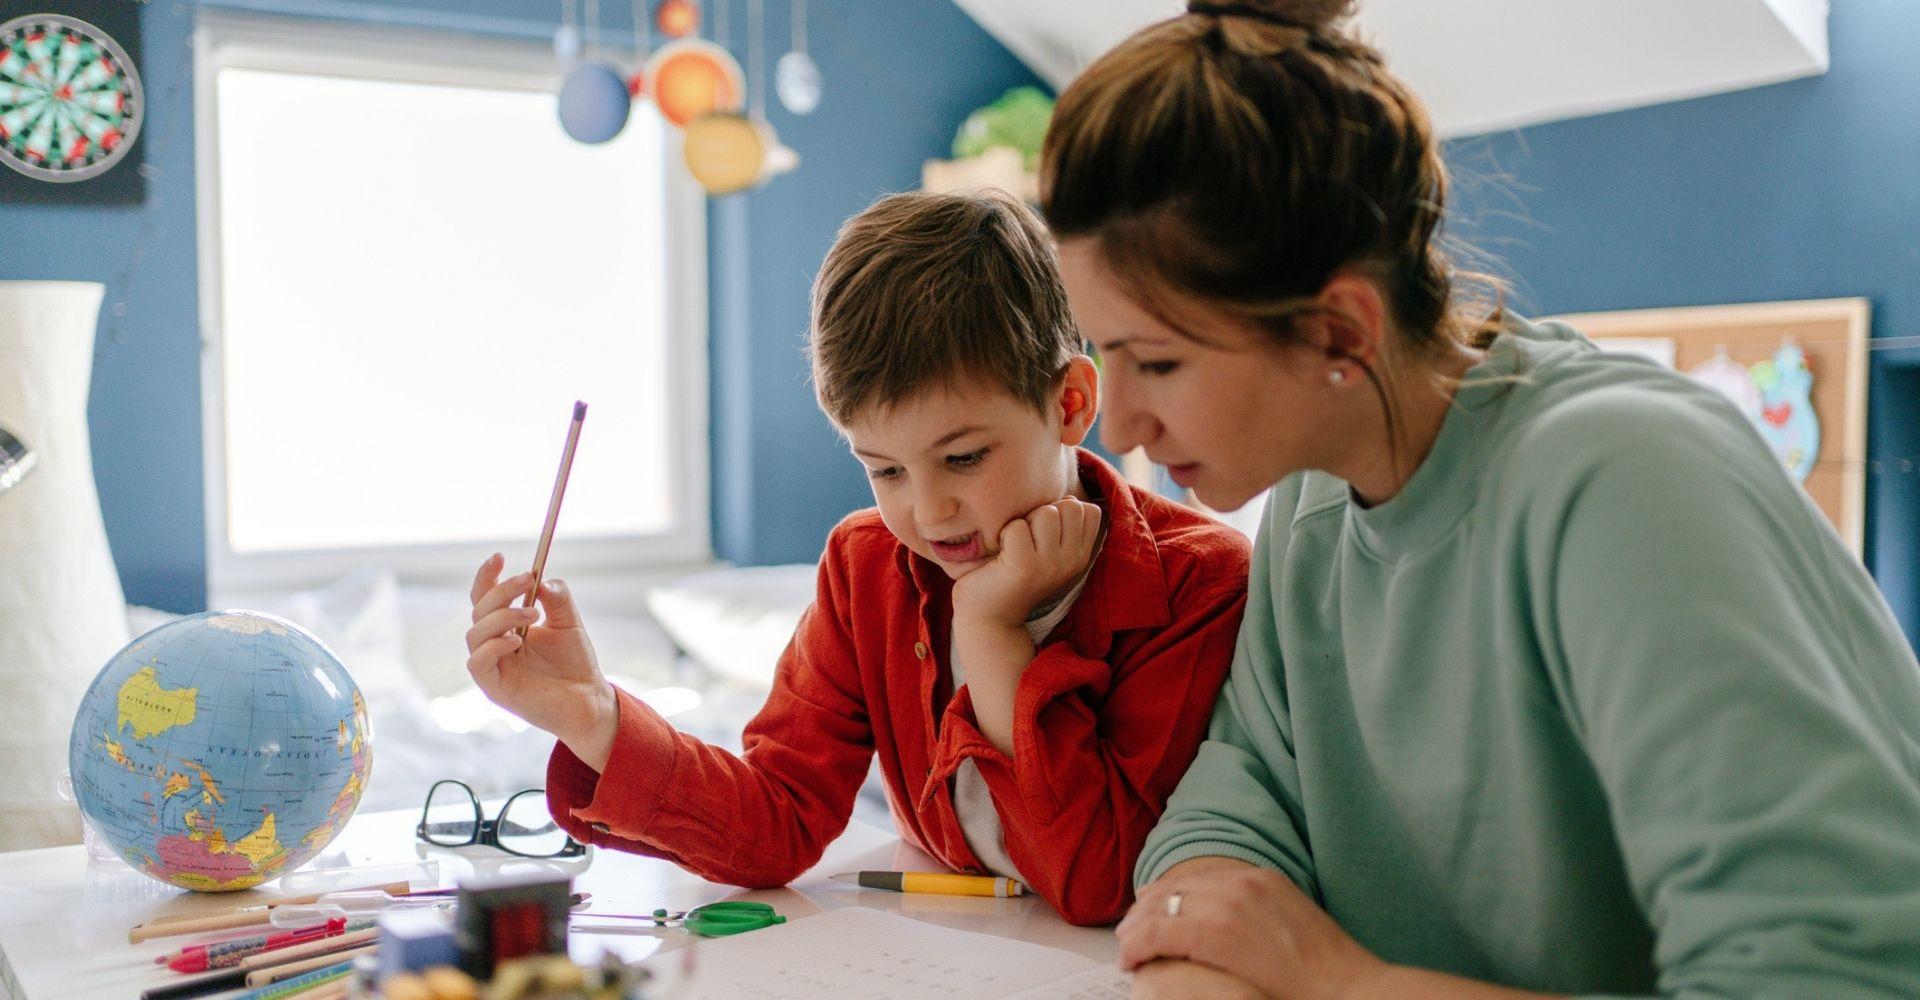 Un metodo per migliorare l'apprendimento e allenare il pensiero critico